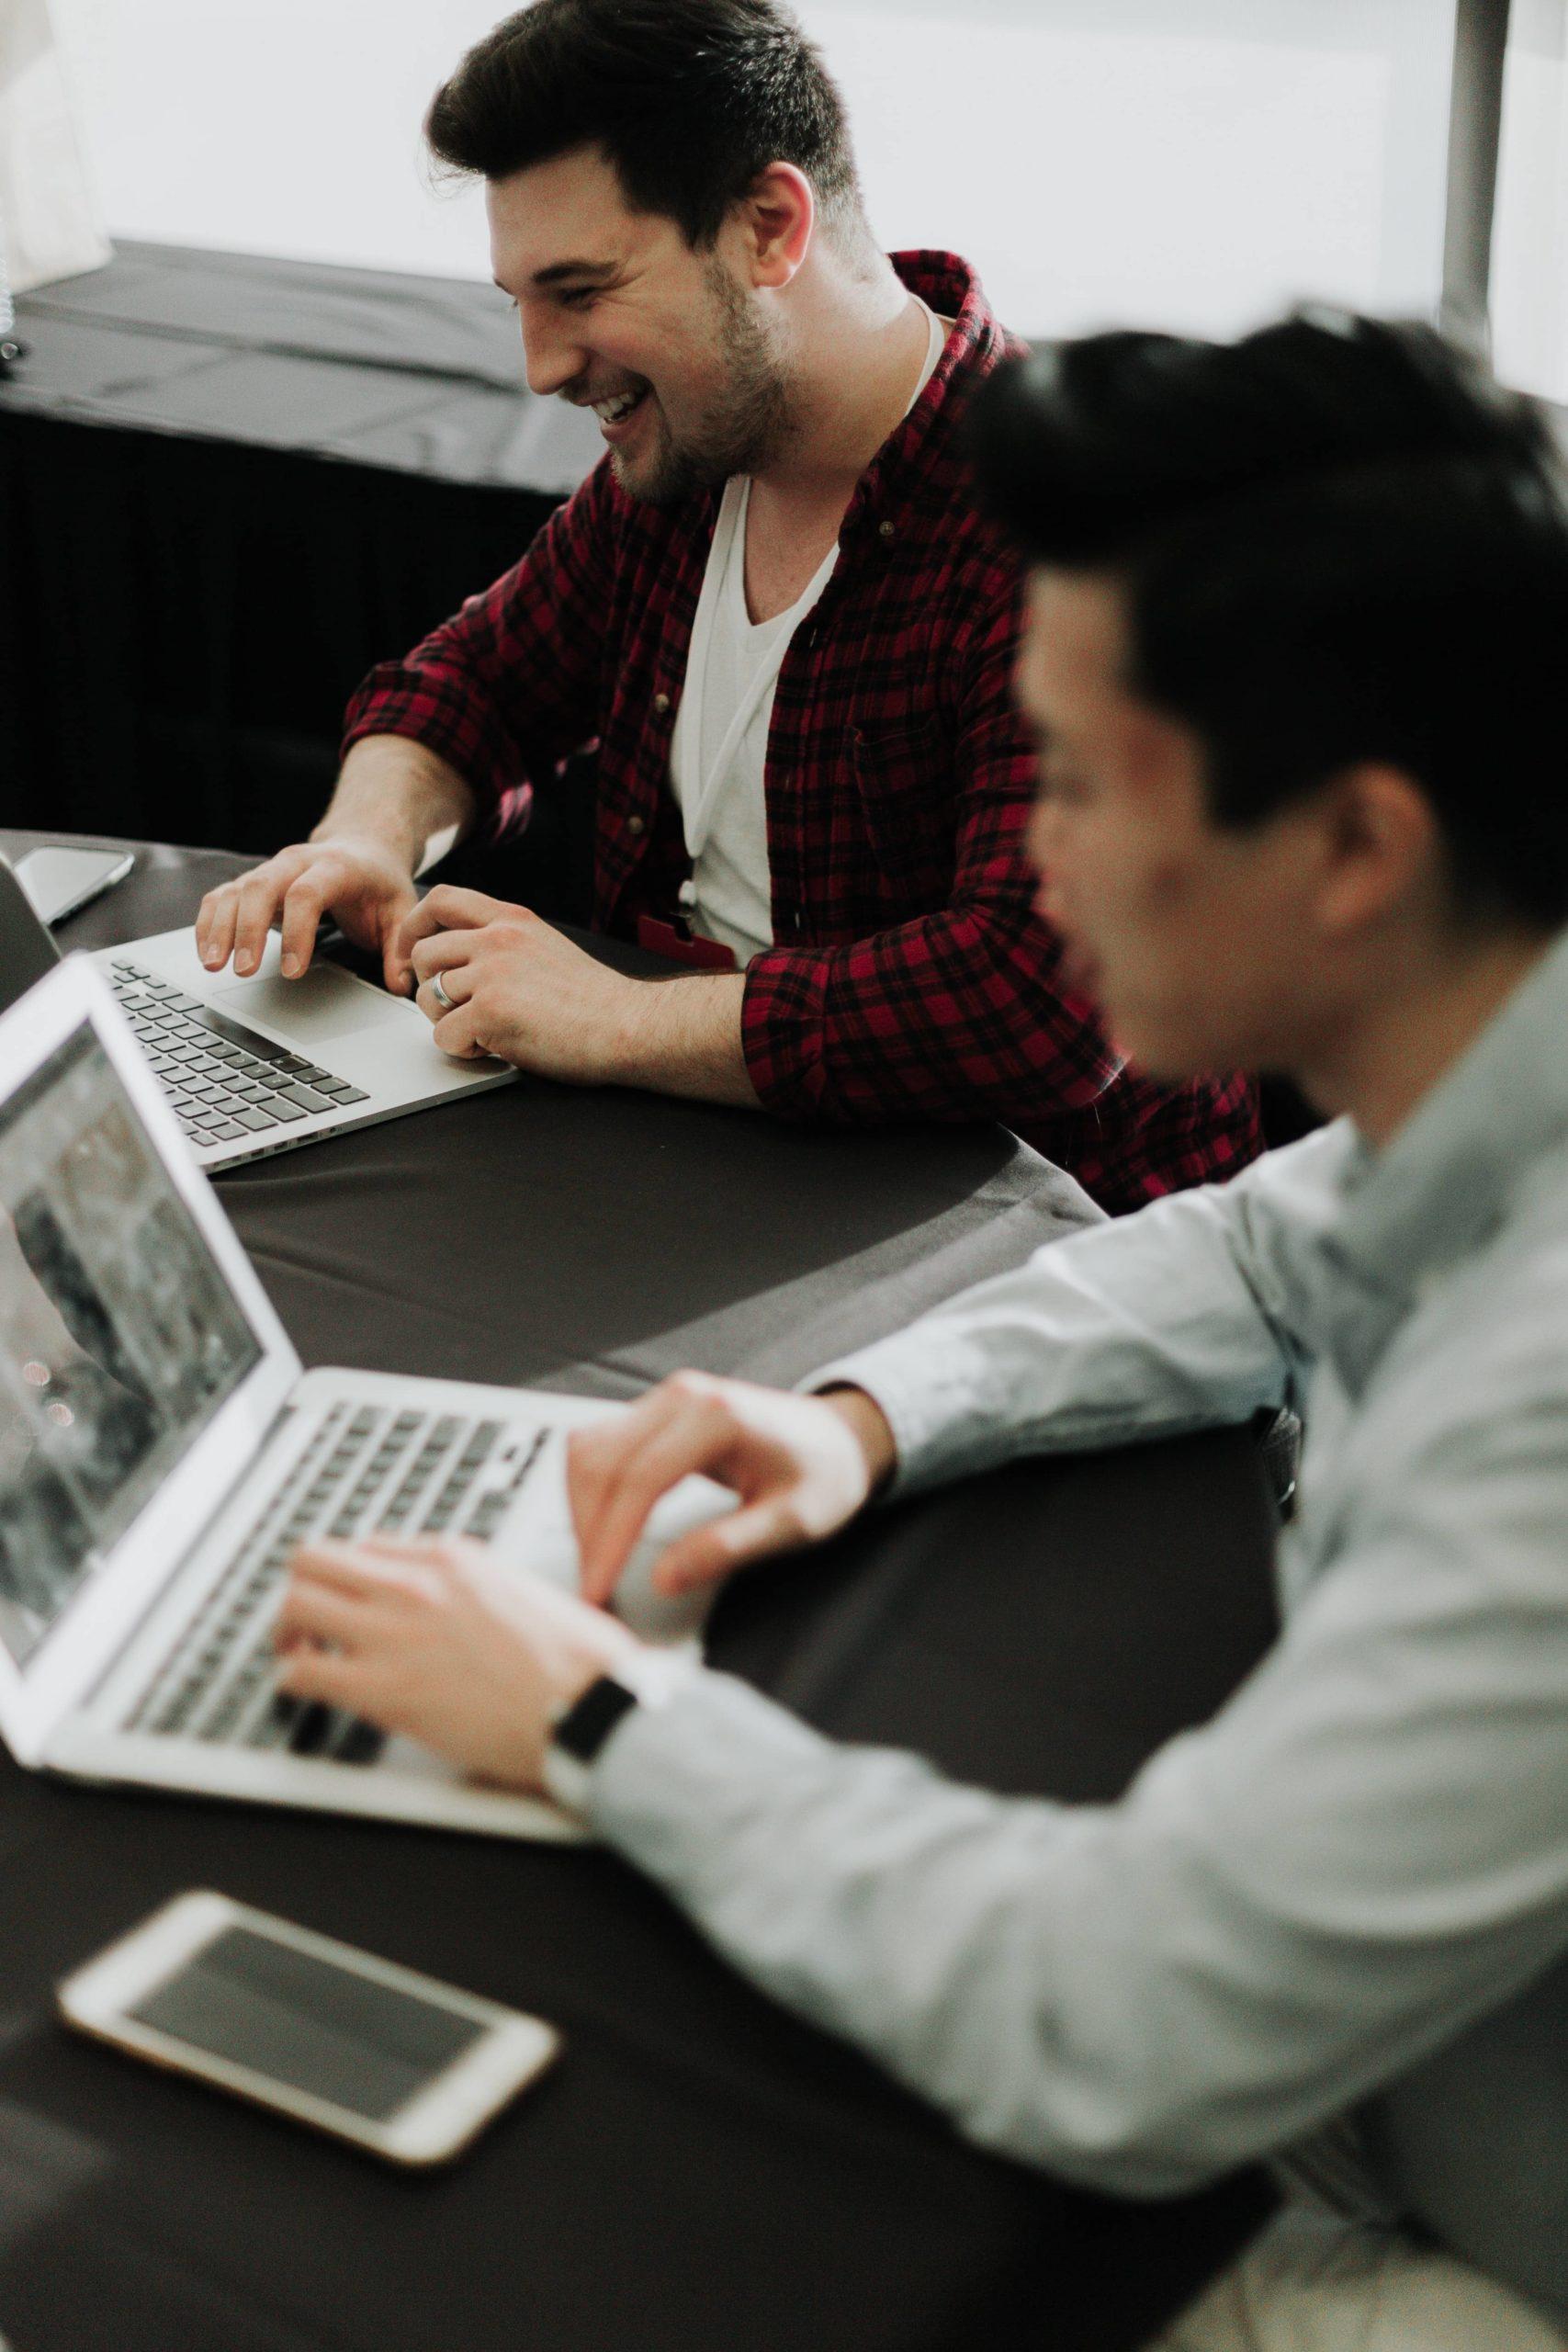 2-hommes-travaillent-sur-leurs-ordinateurs-portable